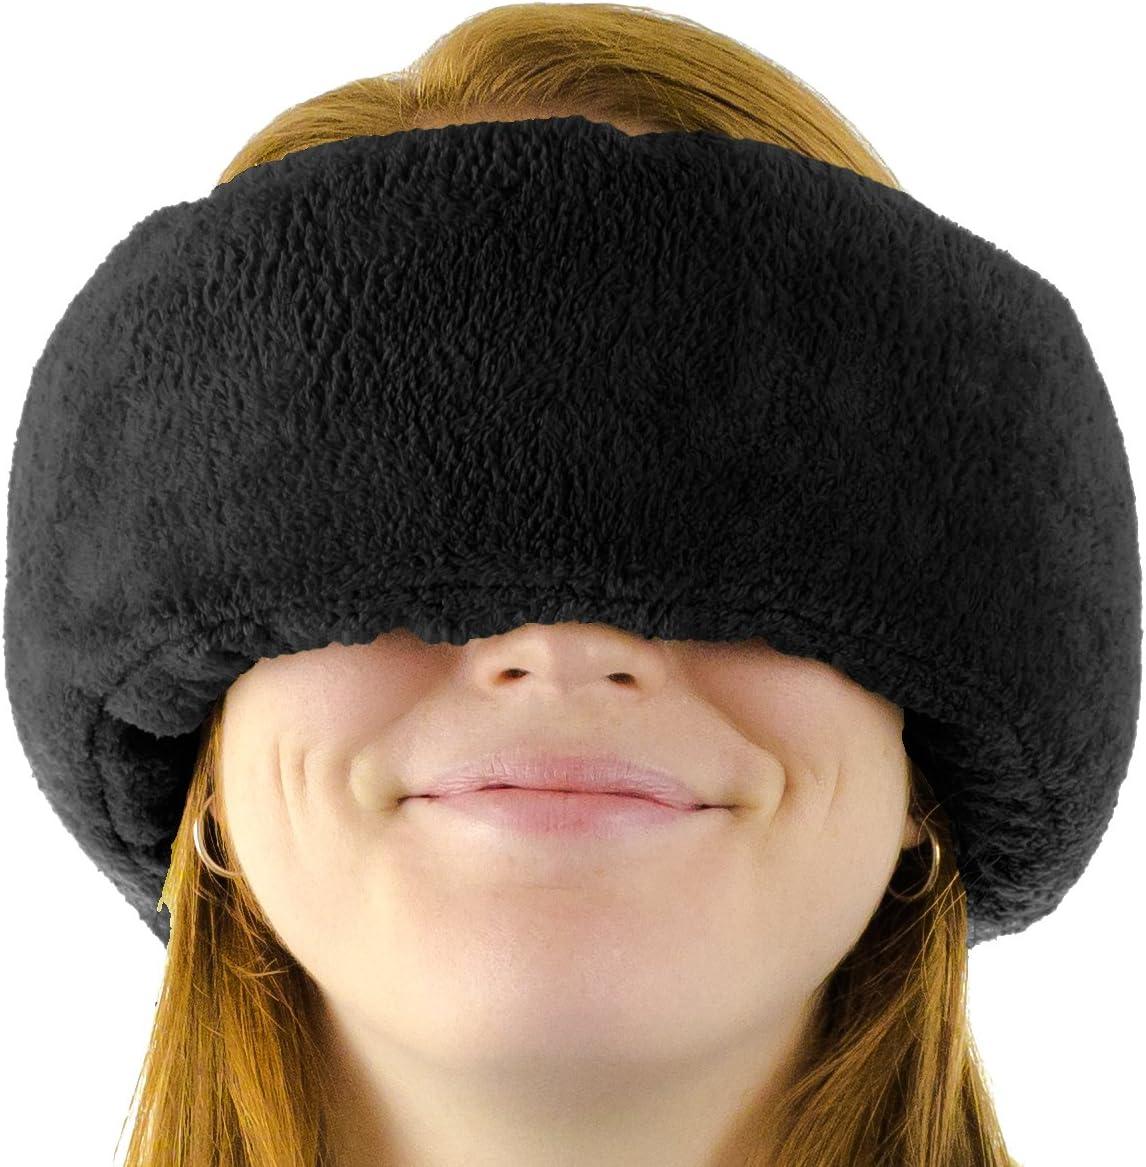 Wrap-a-Nap Travel Pillow, Sleep Mask & Ear Muff